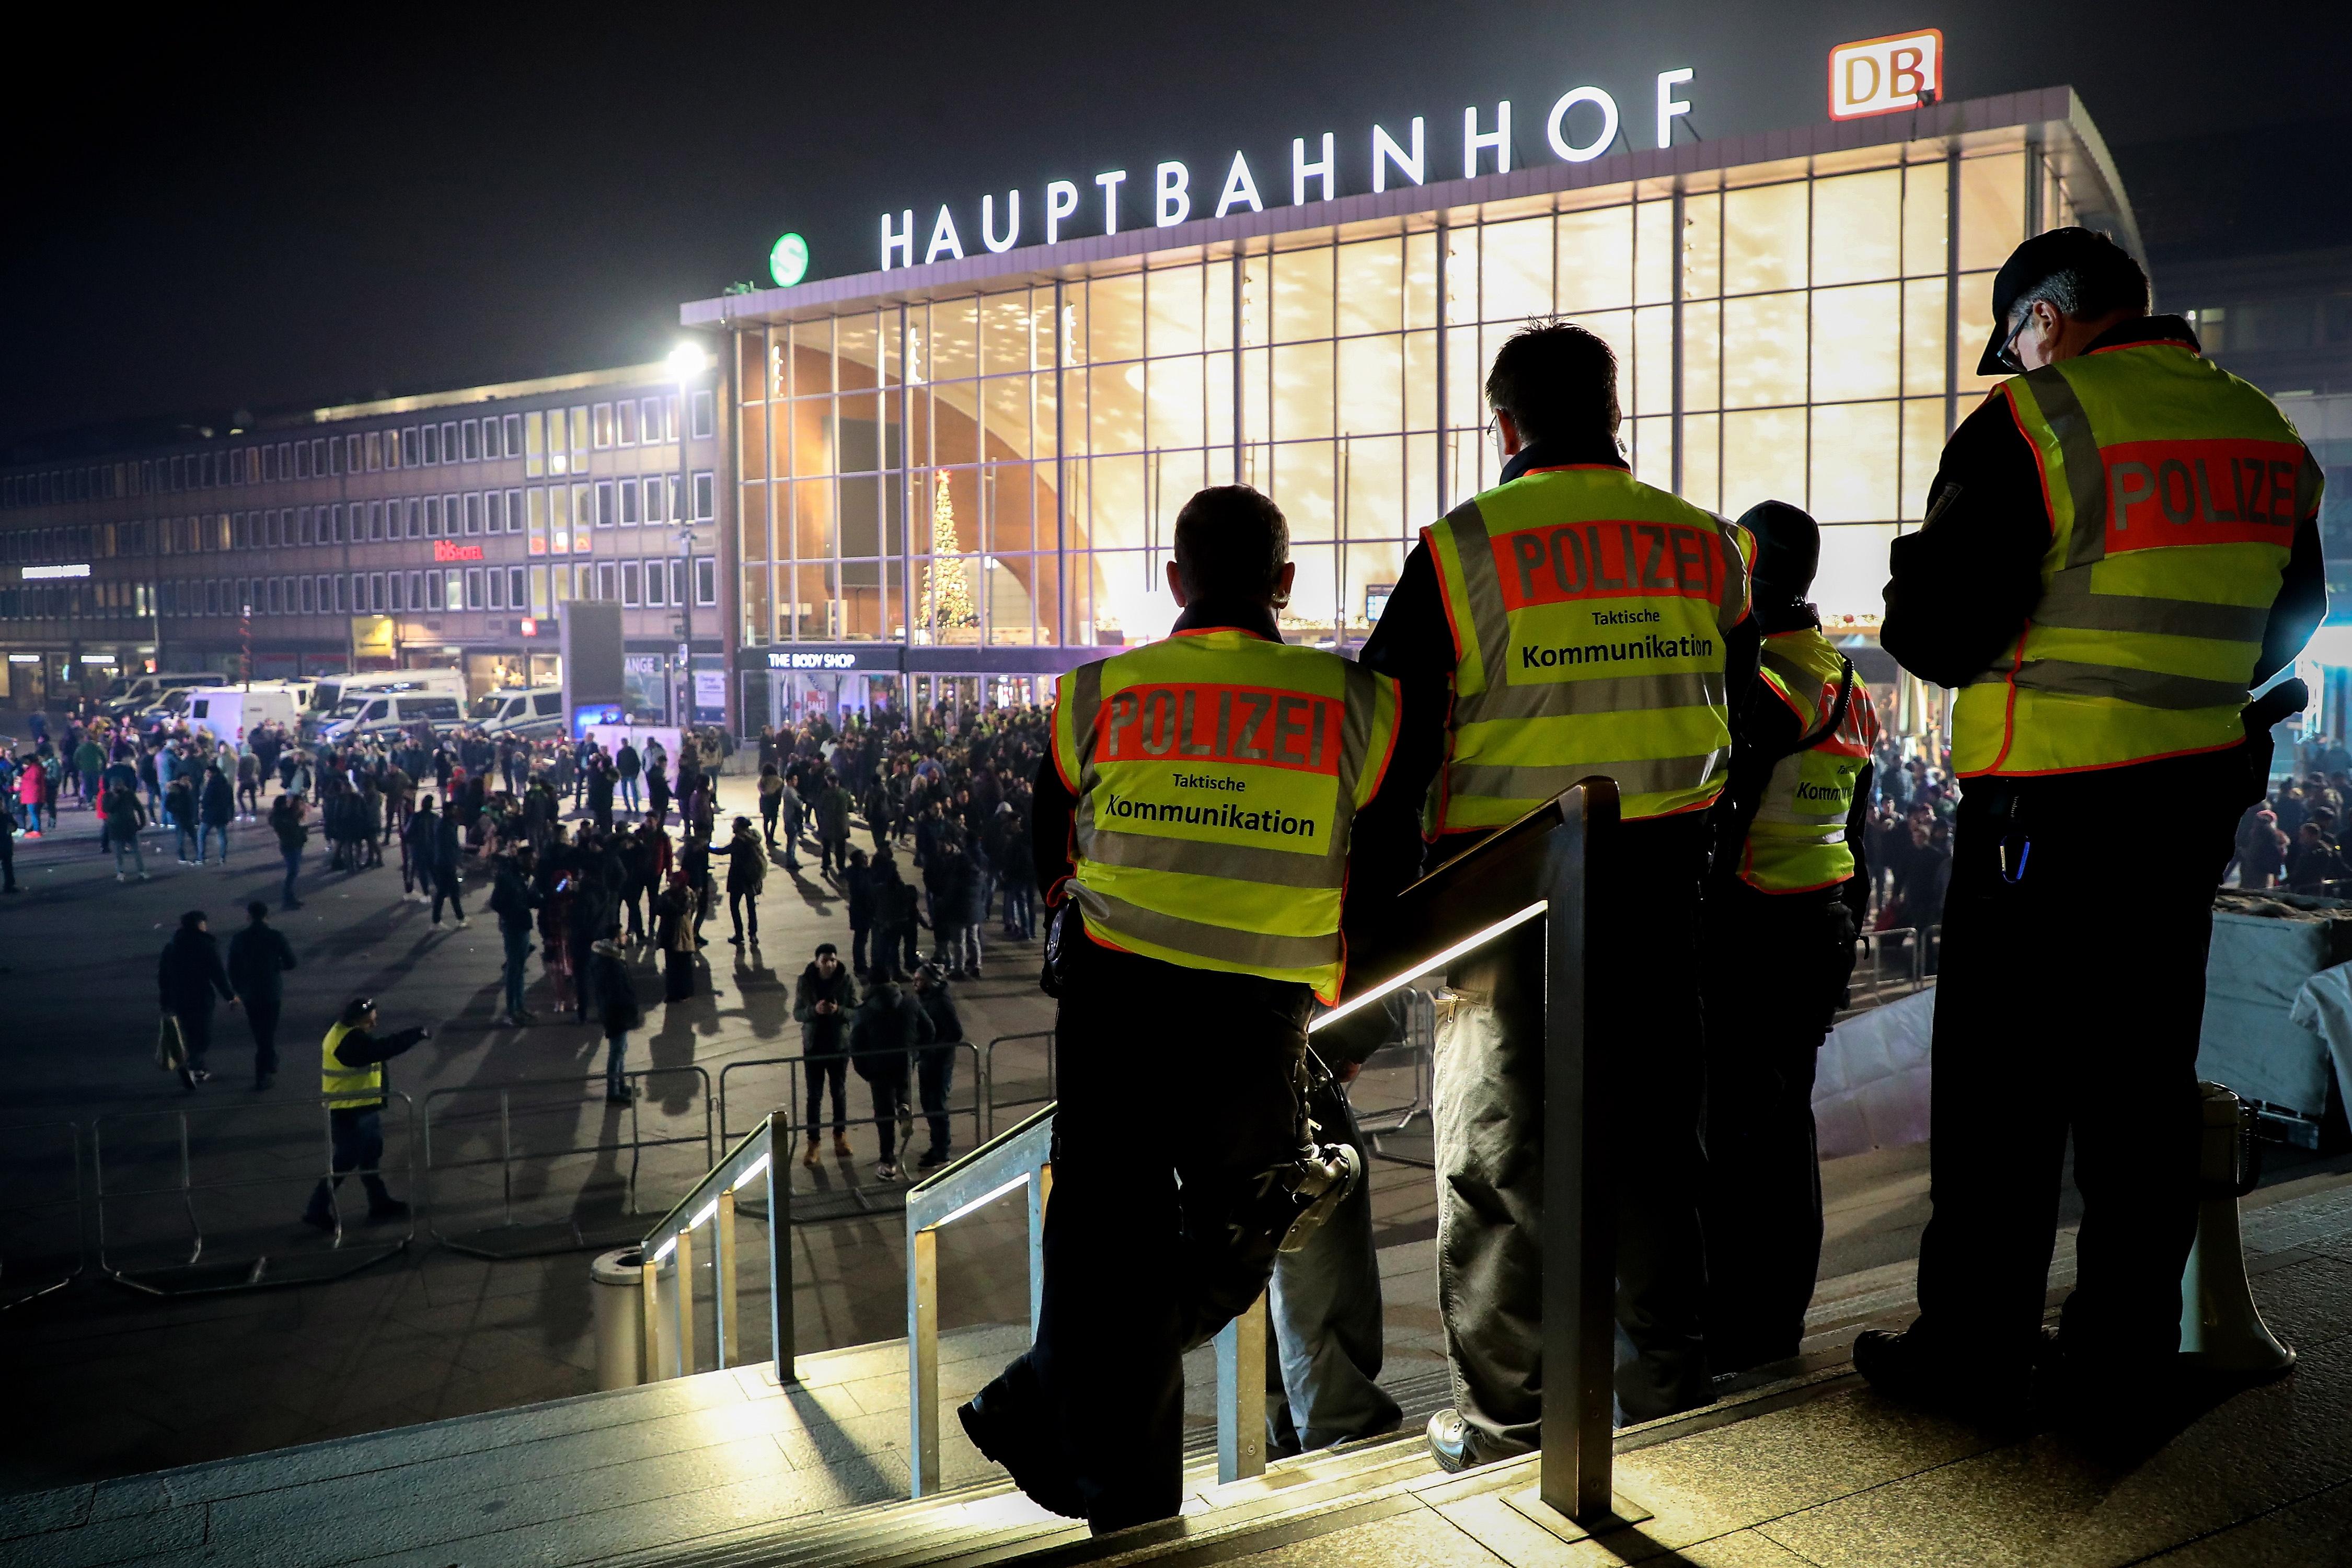 Muškarac automobilom nasrnuo na pješake u Njemačkoj